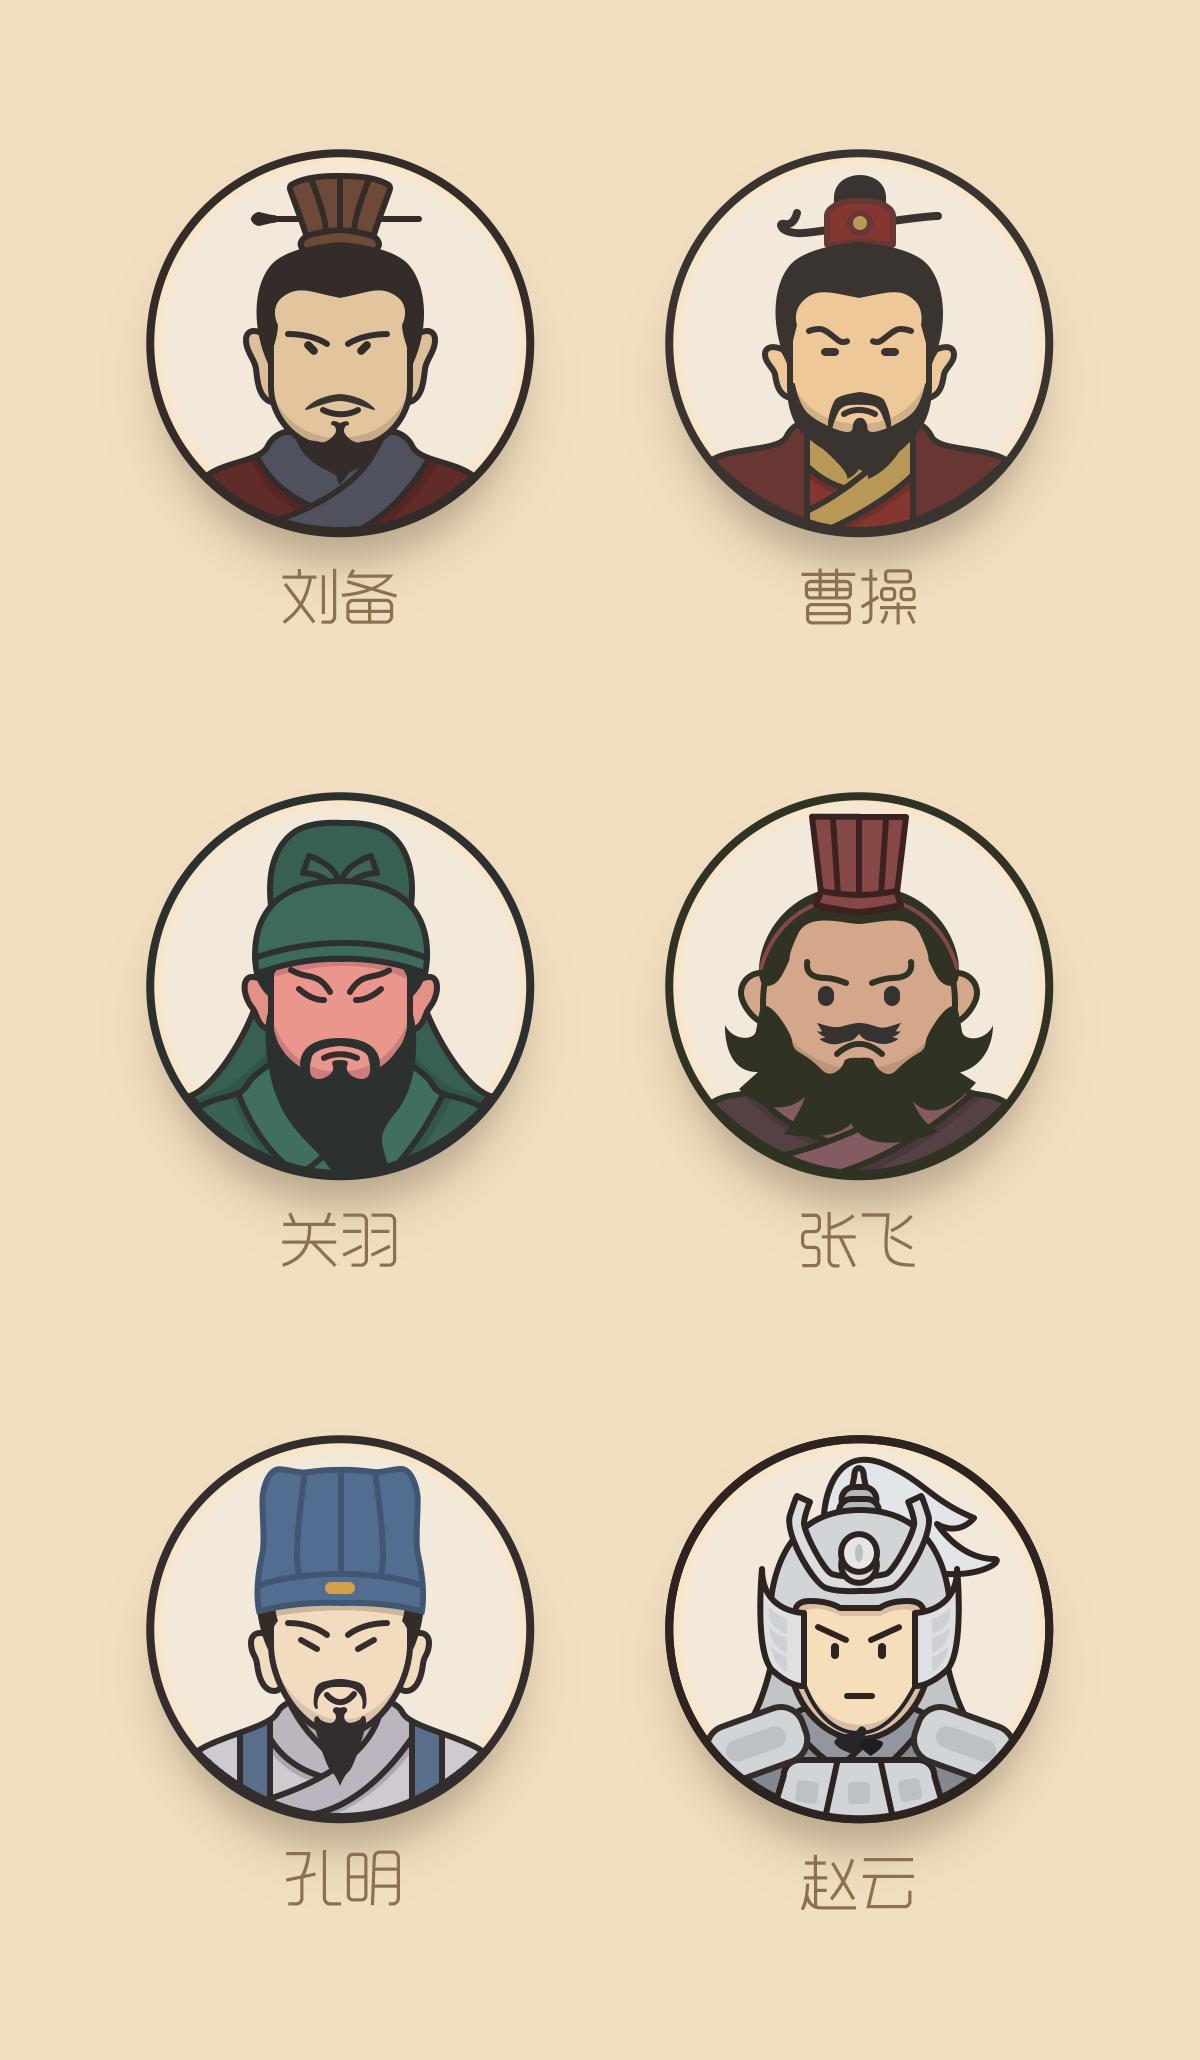 原创作品:三国演义人物头像设计